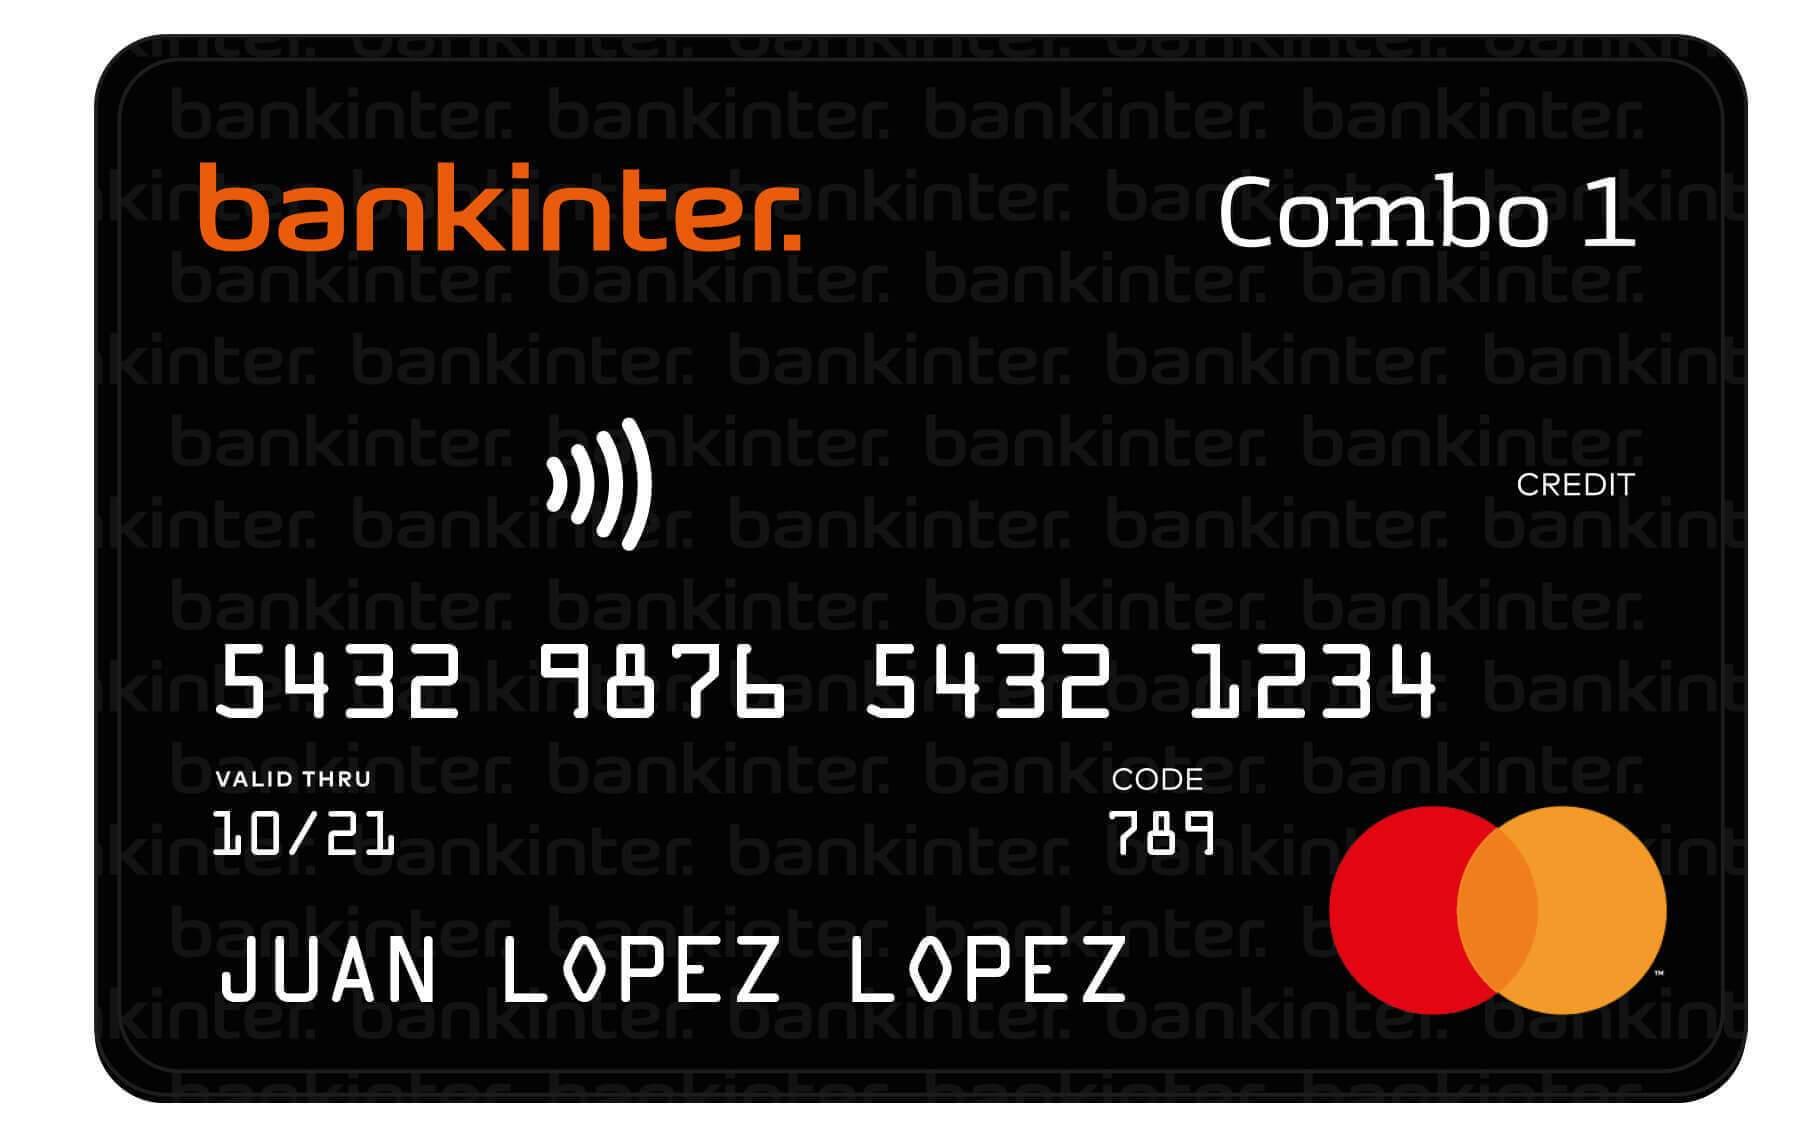 Aprende cómo Aplicar y los Beneficios de la Tarjeta de Crédito Combo | Bankinter